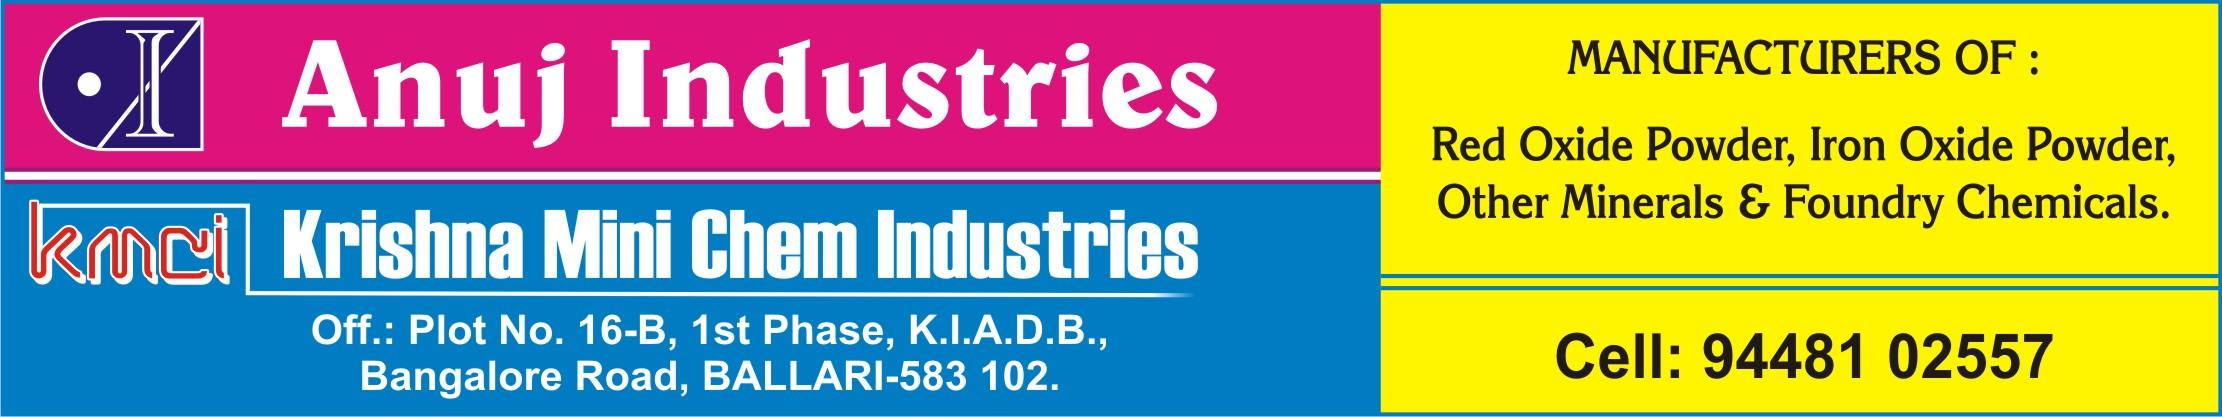 Anuj Industries